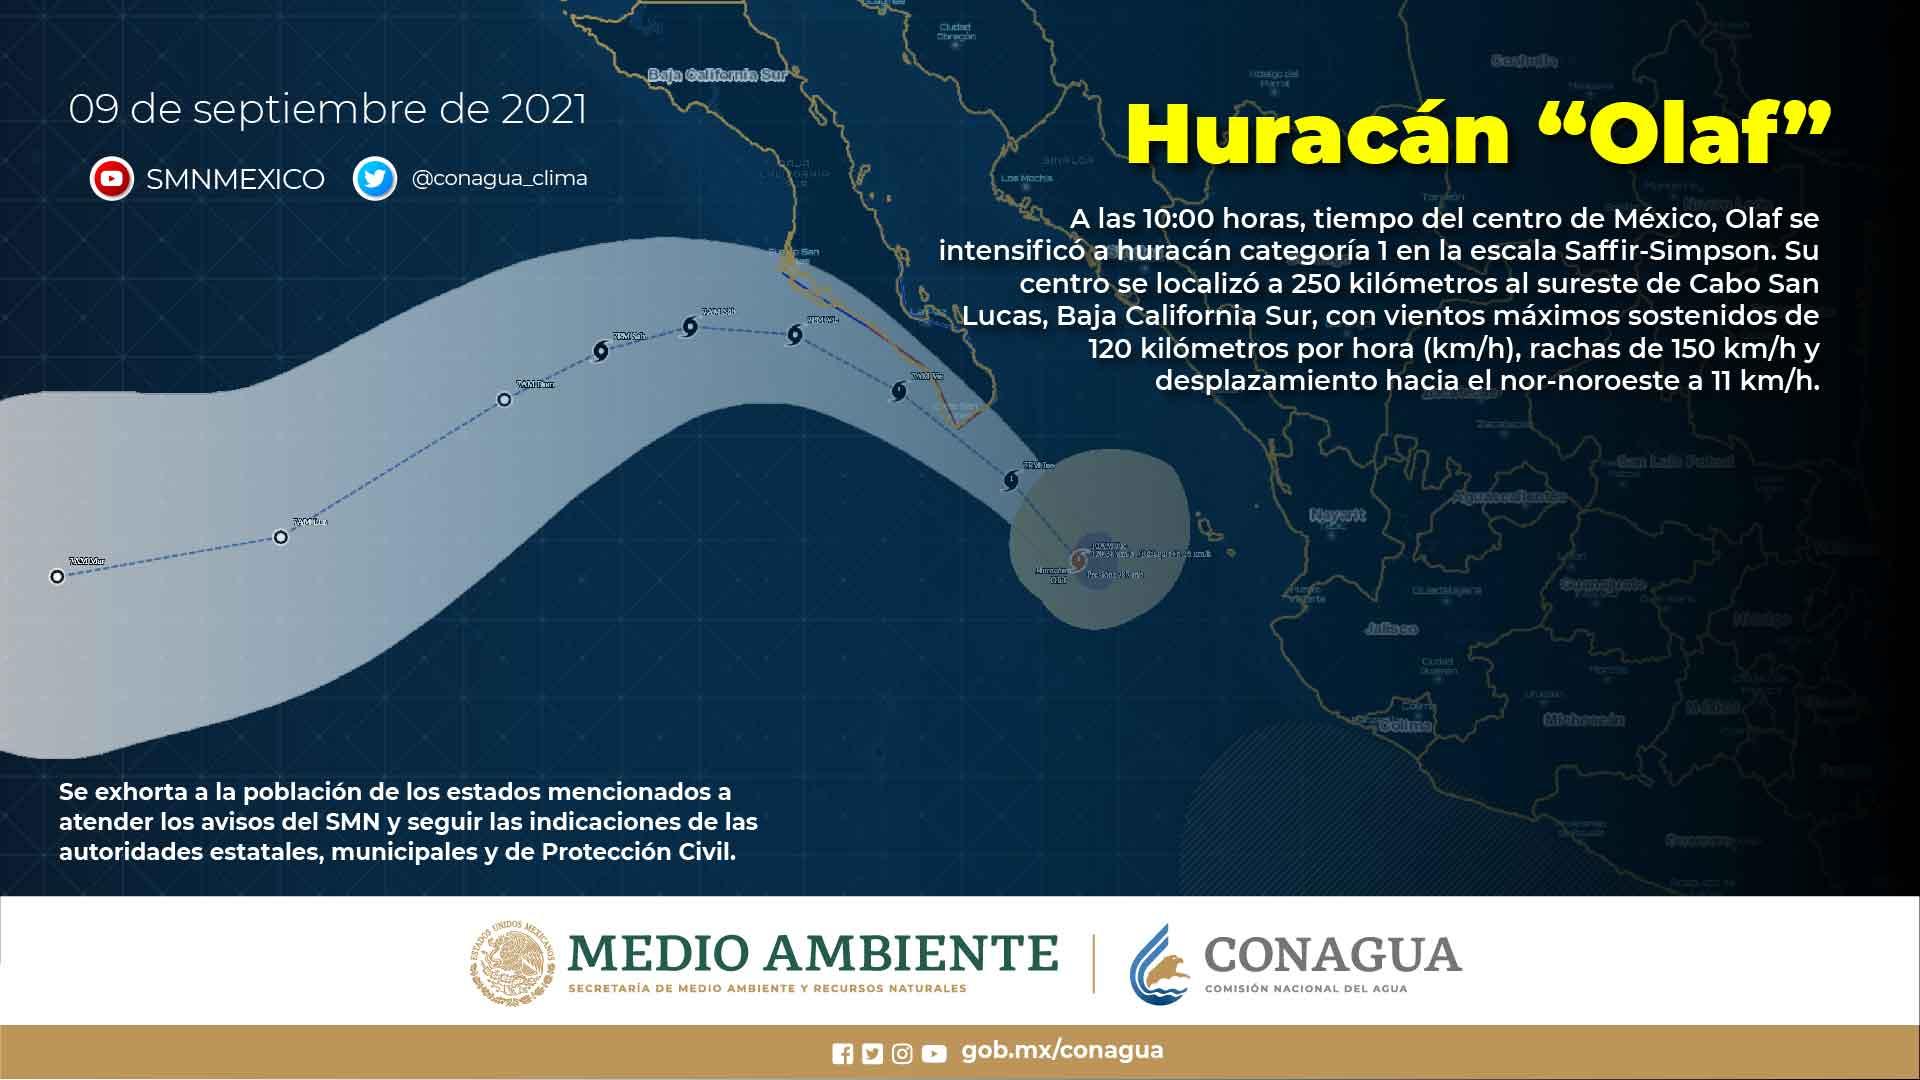 Emiten instituciones de gobierno alerta por huracán Olaf